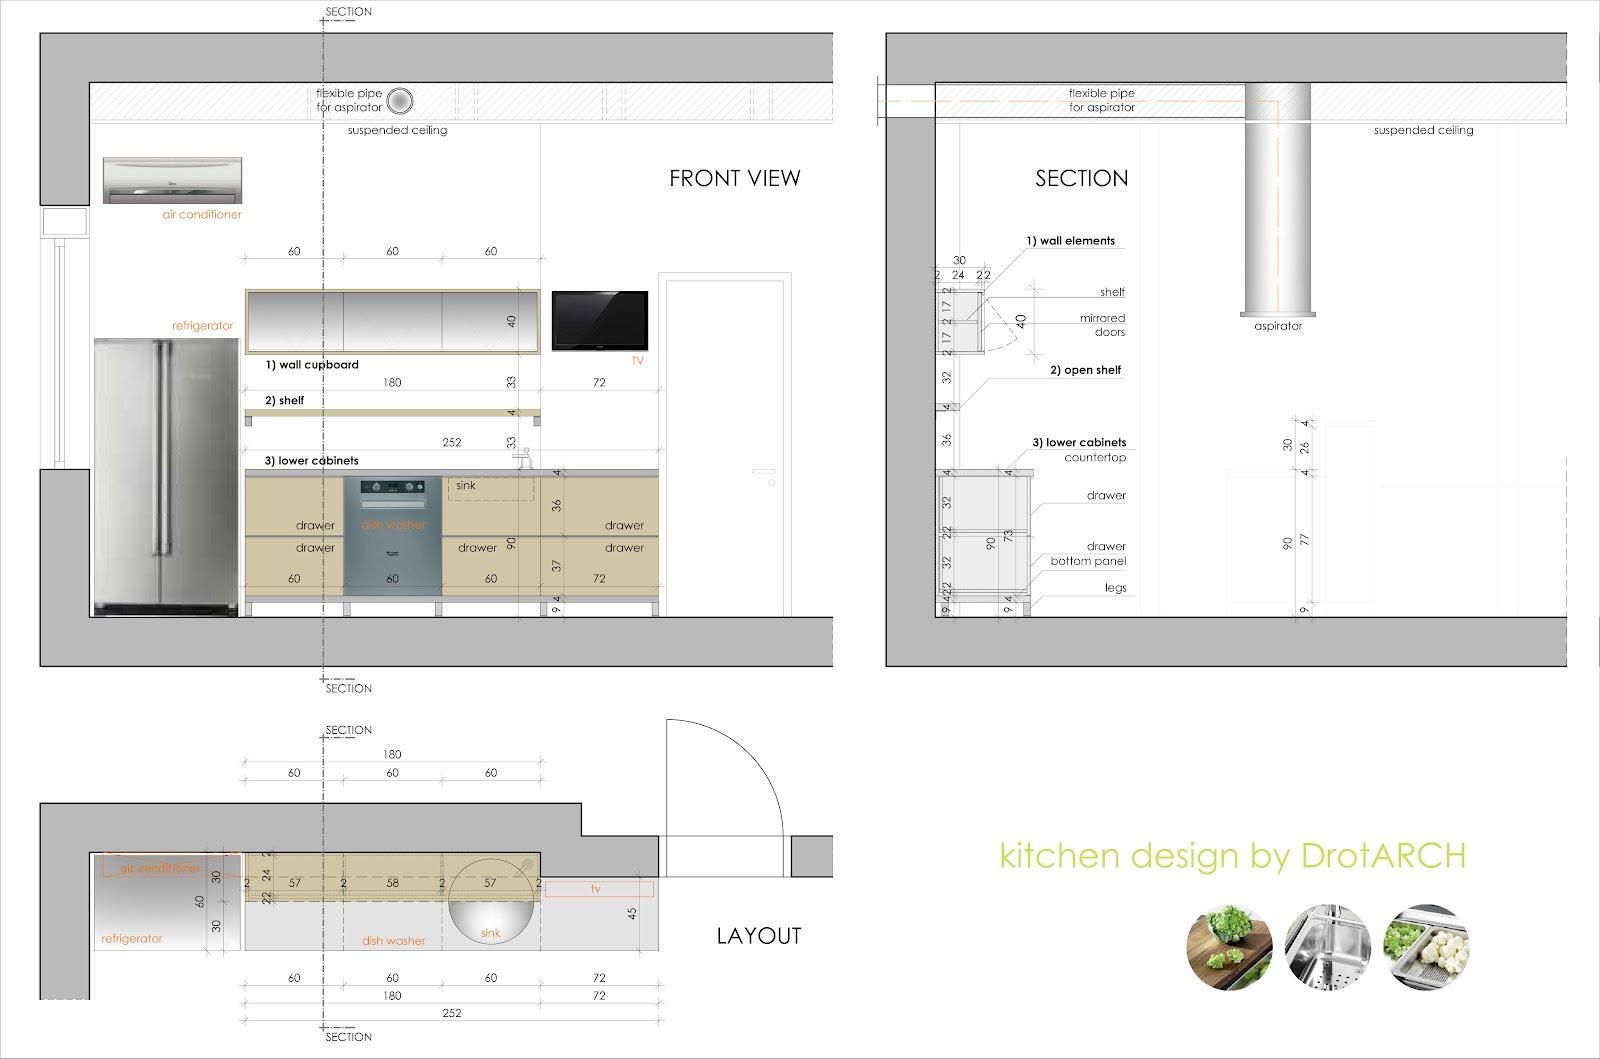 Drotarch Kitchen Design